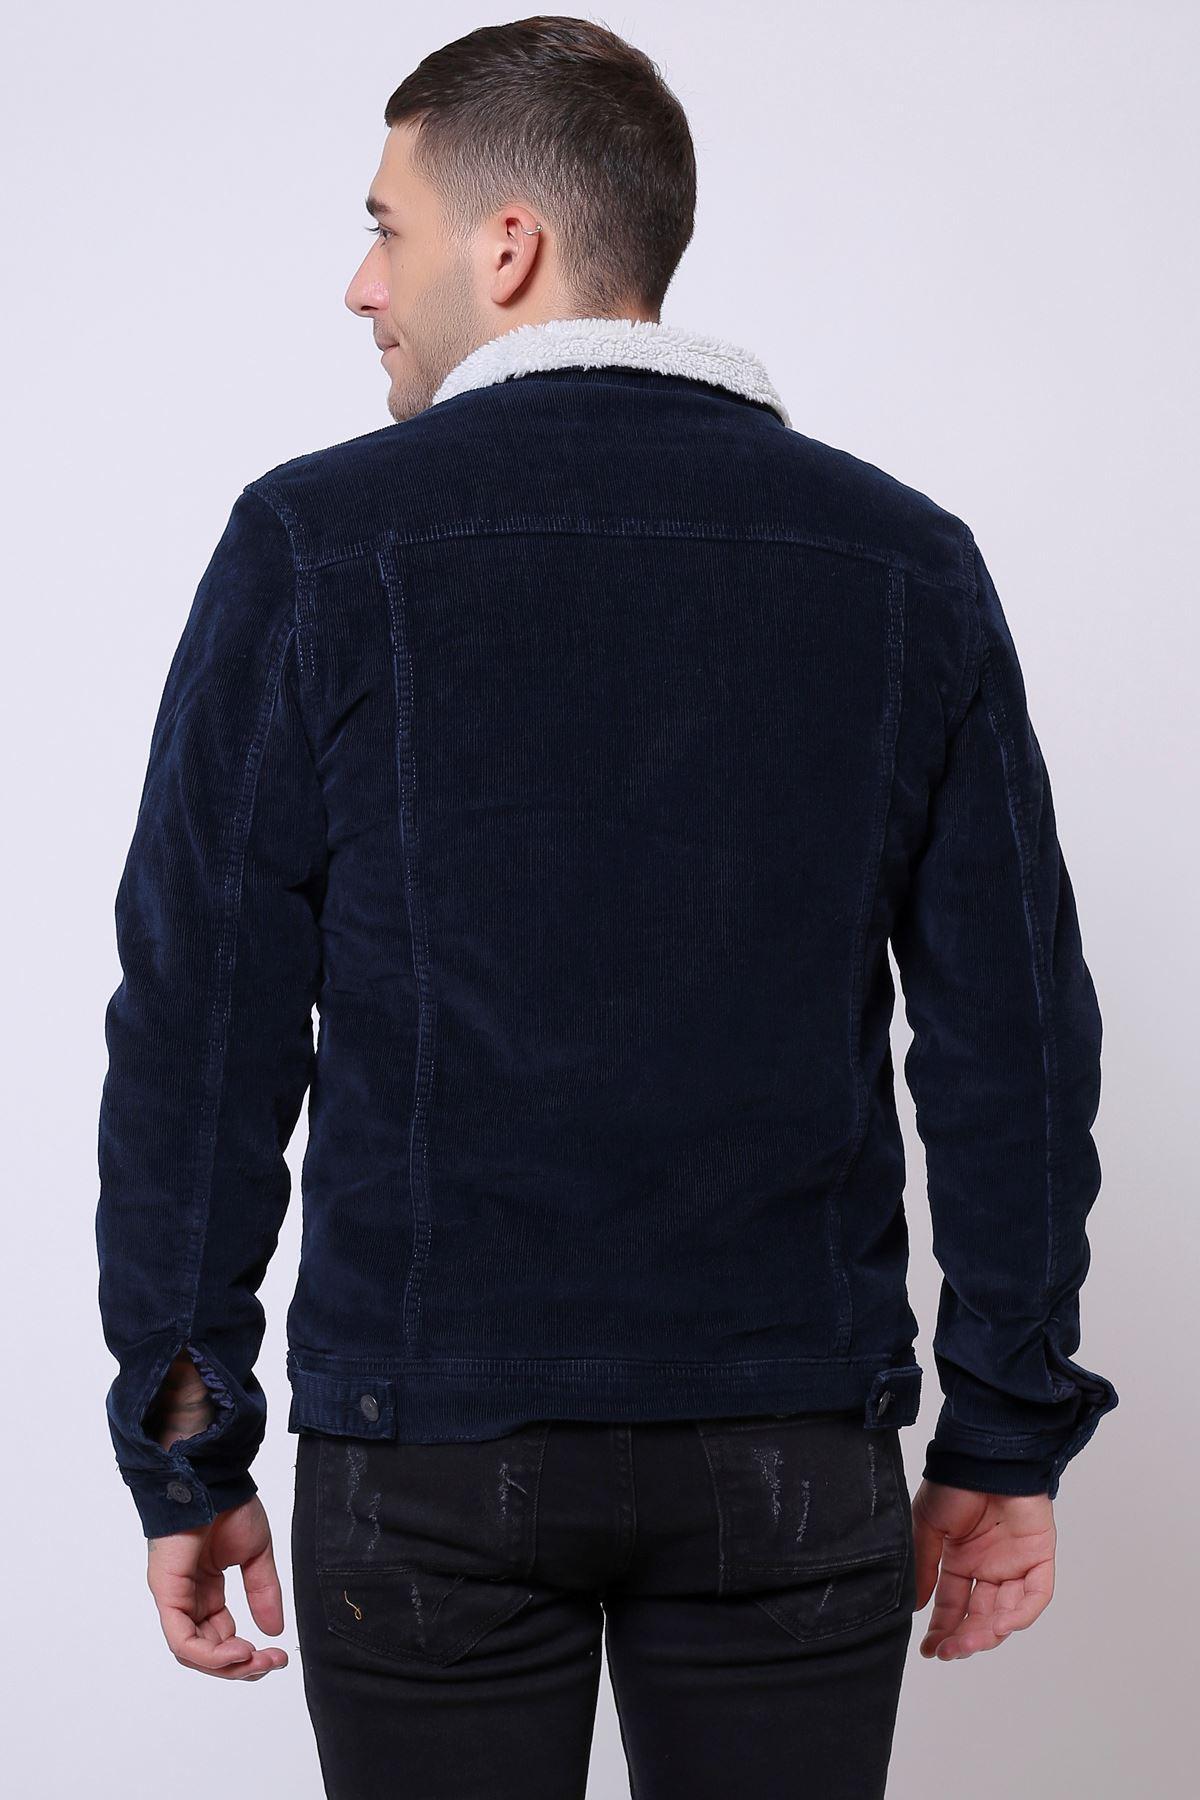 İnce Fitil Kadife İçi Kürklü Düğmeli Navy Ceket